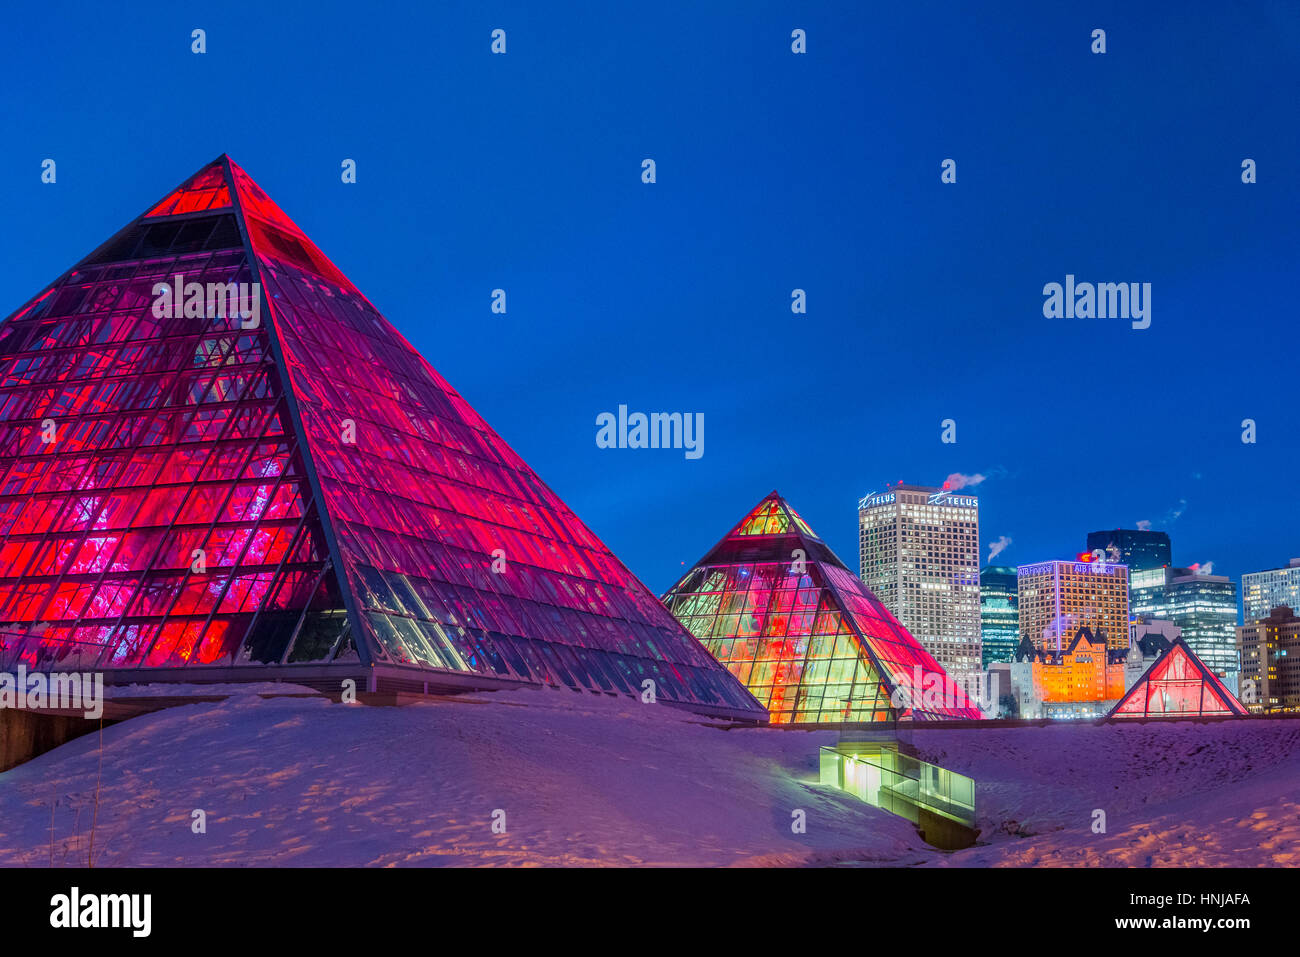 Skyline von Edmonton und beleuchteten Muttart Conservatory Pyramiden, einen botanischen Garten in Edmonton, Alberta, Stockbild